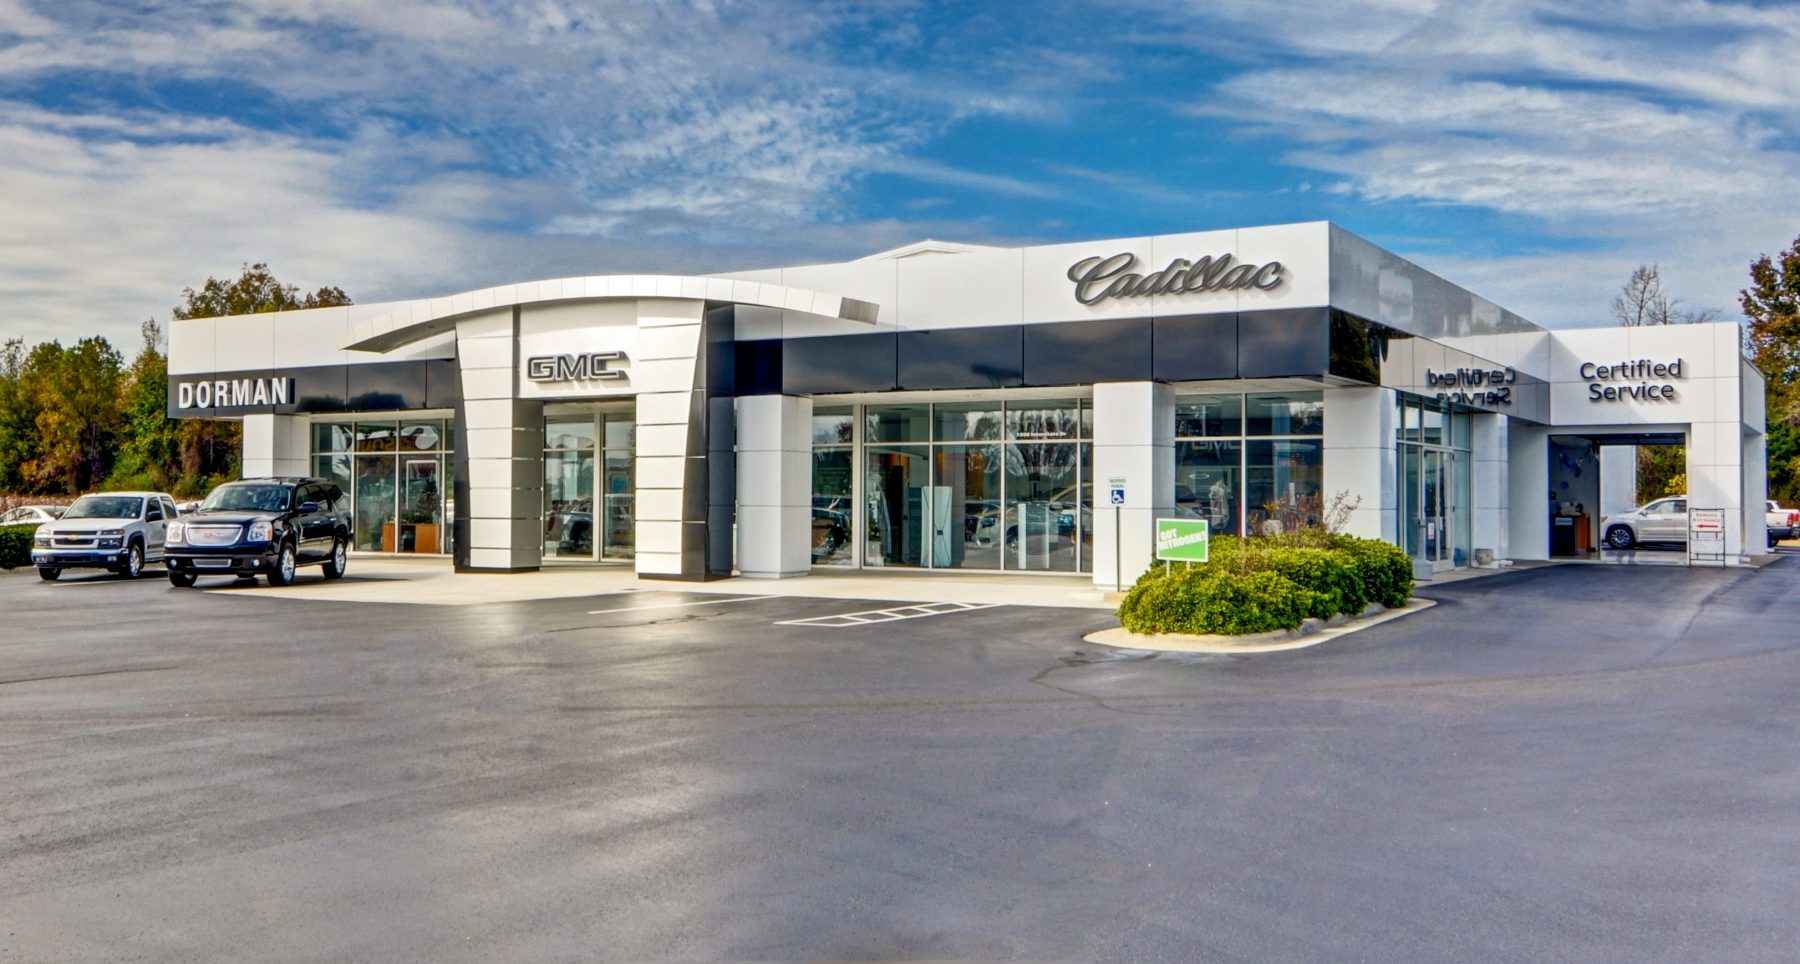 Dorman Cadillac GMC